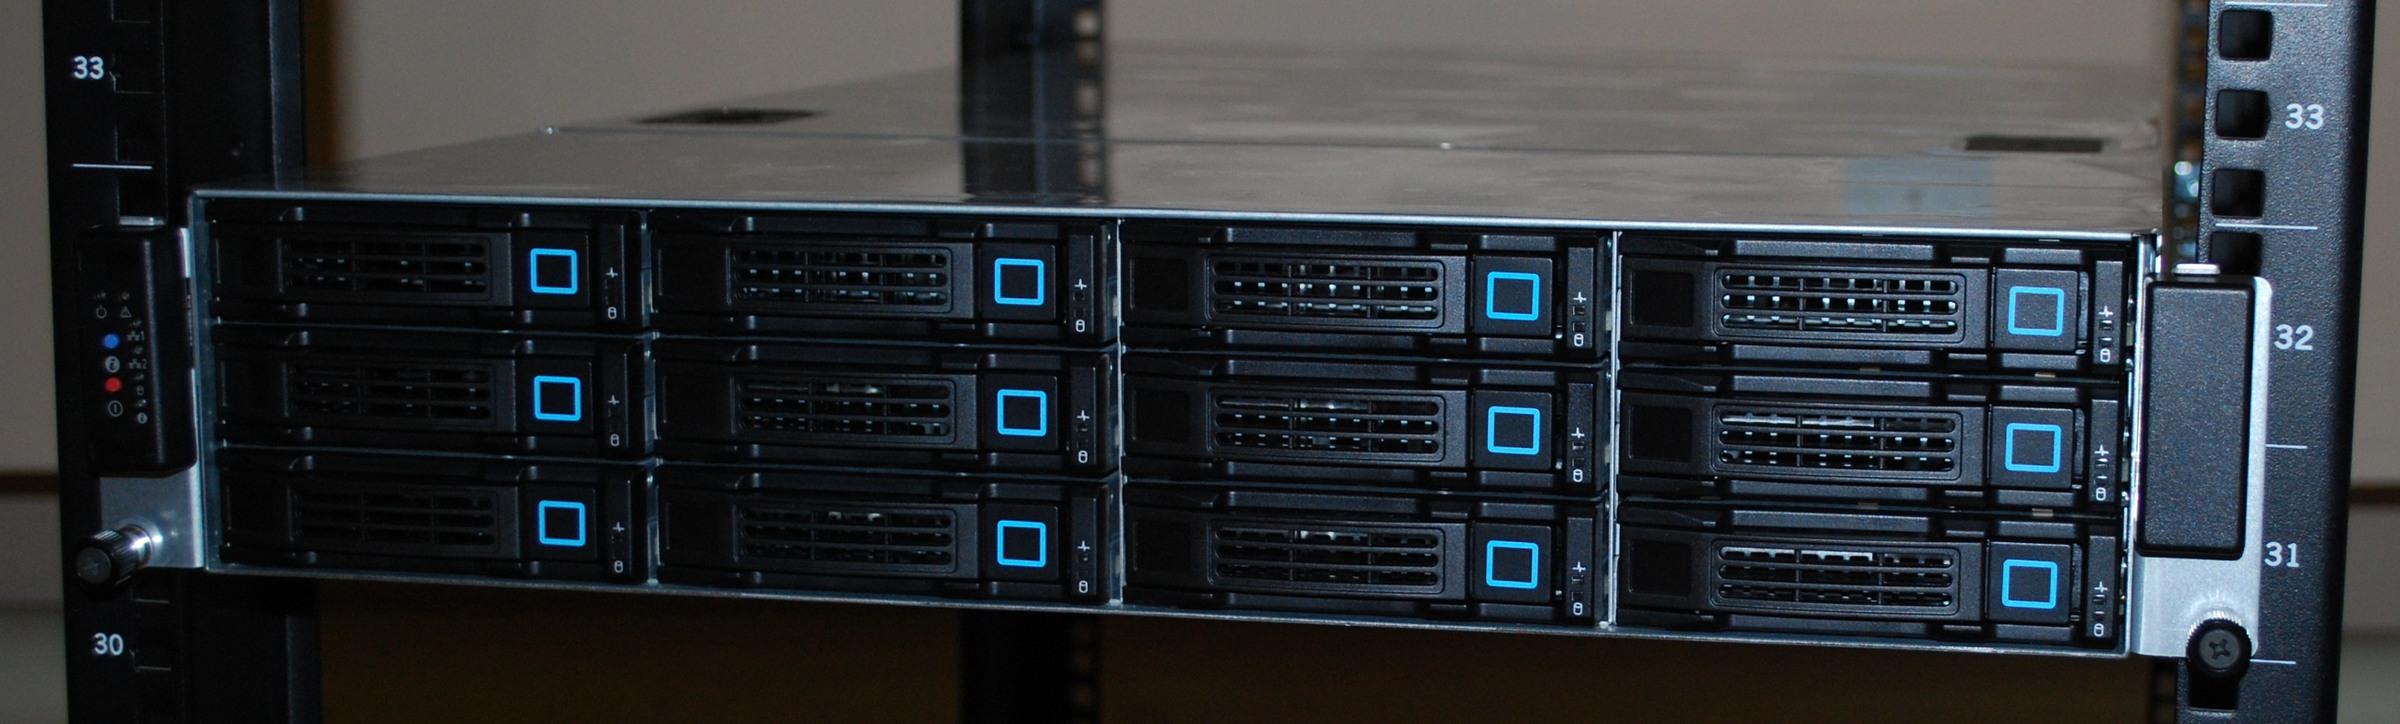 Сервер в стойке (задвинут)